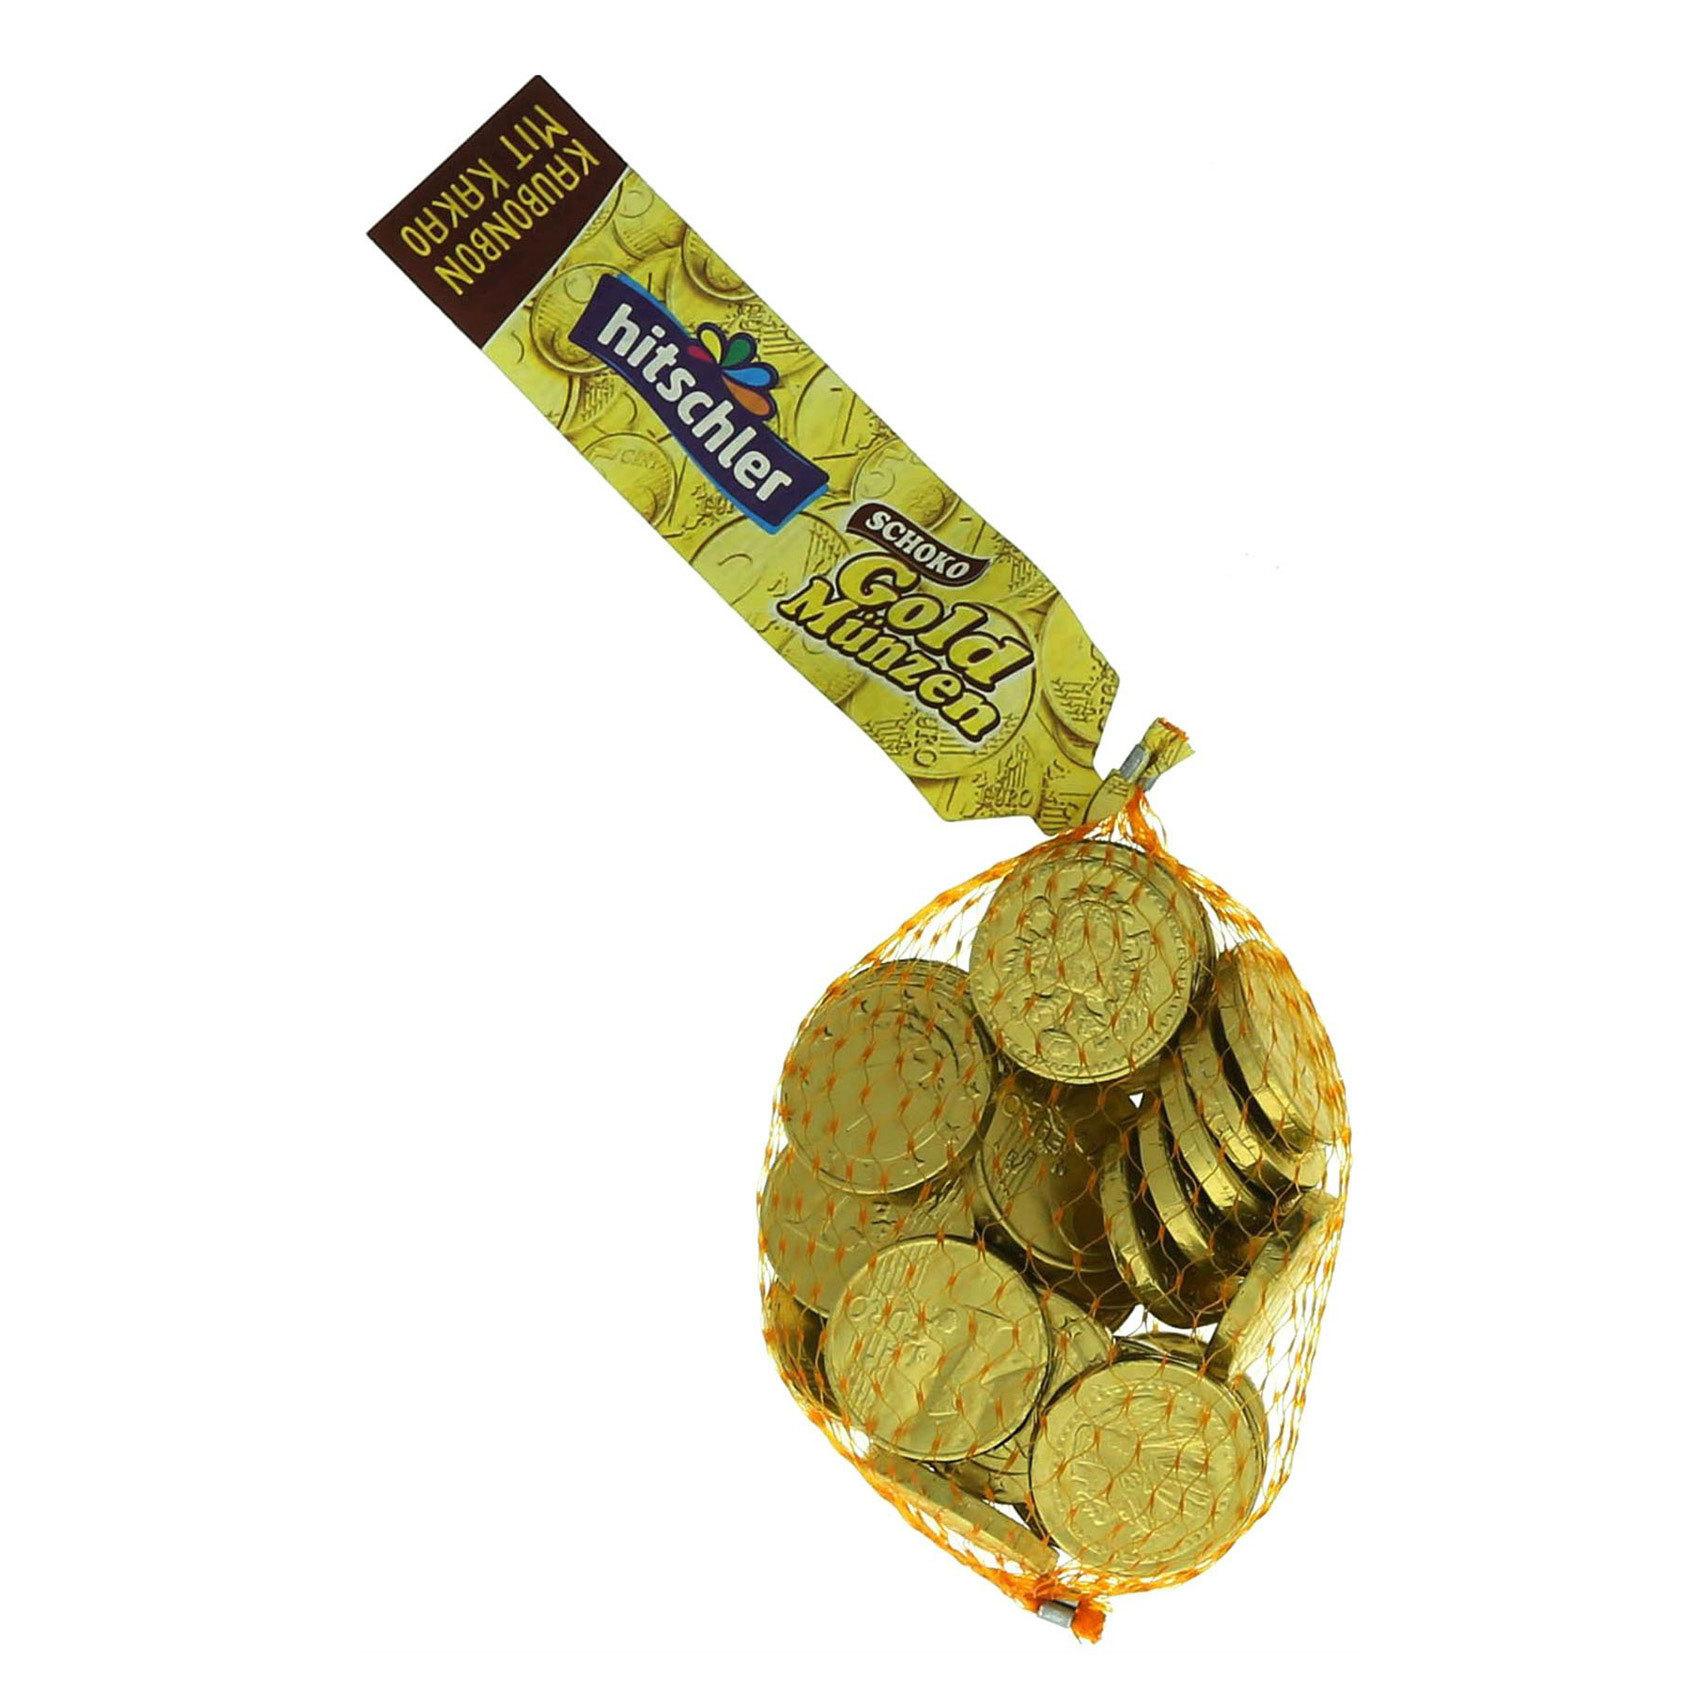 HITSCHLER CHEW CANDY COINS 150GR